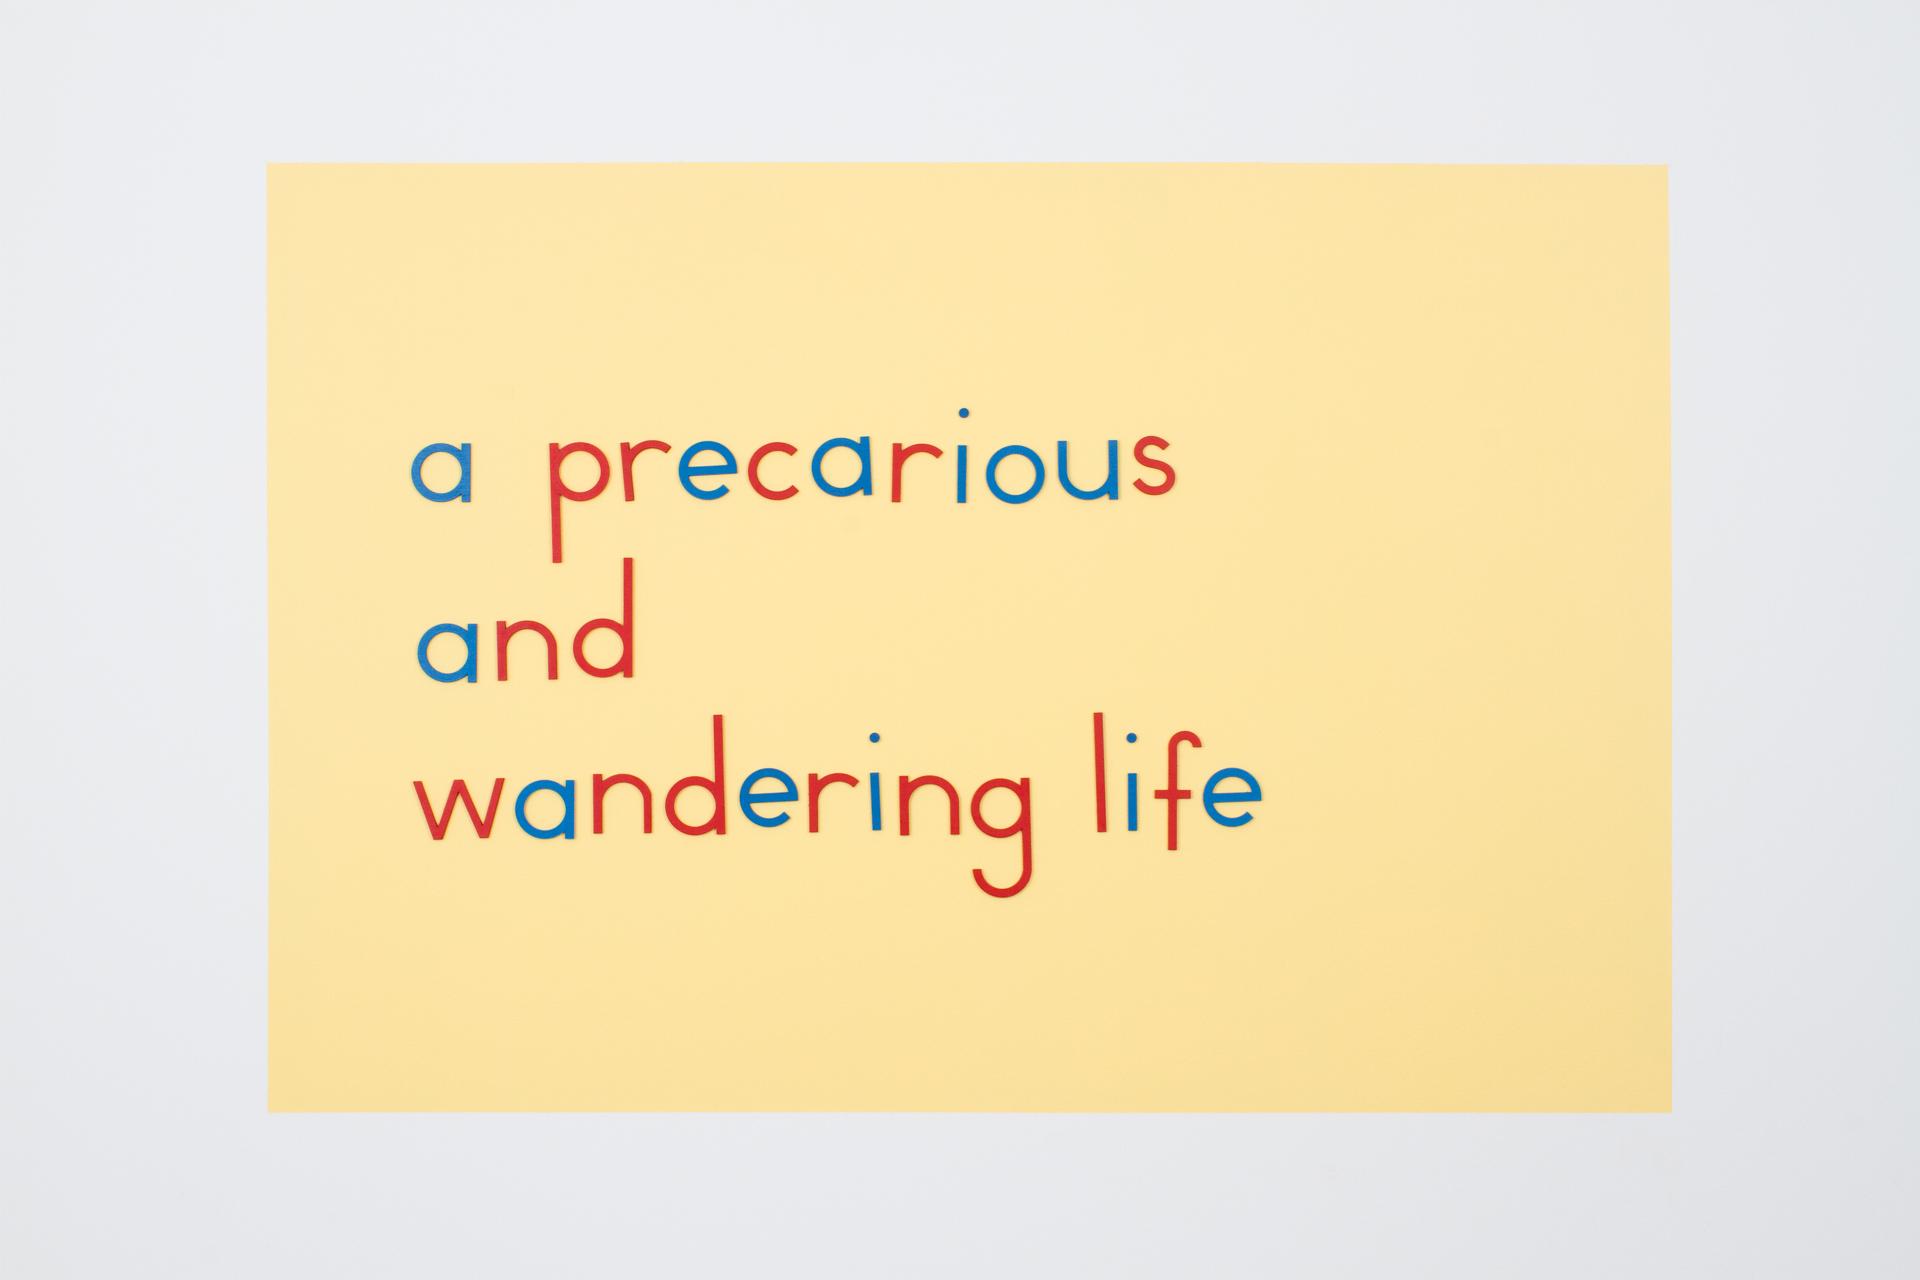 A Vagrant Kind of Life by Erdem Taşdelen - Image: Burrard Arts Foundation